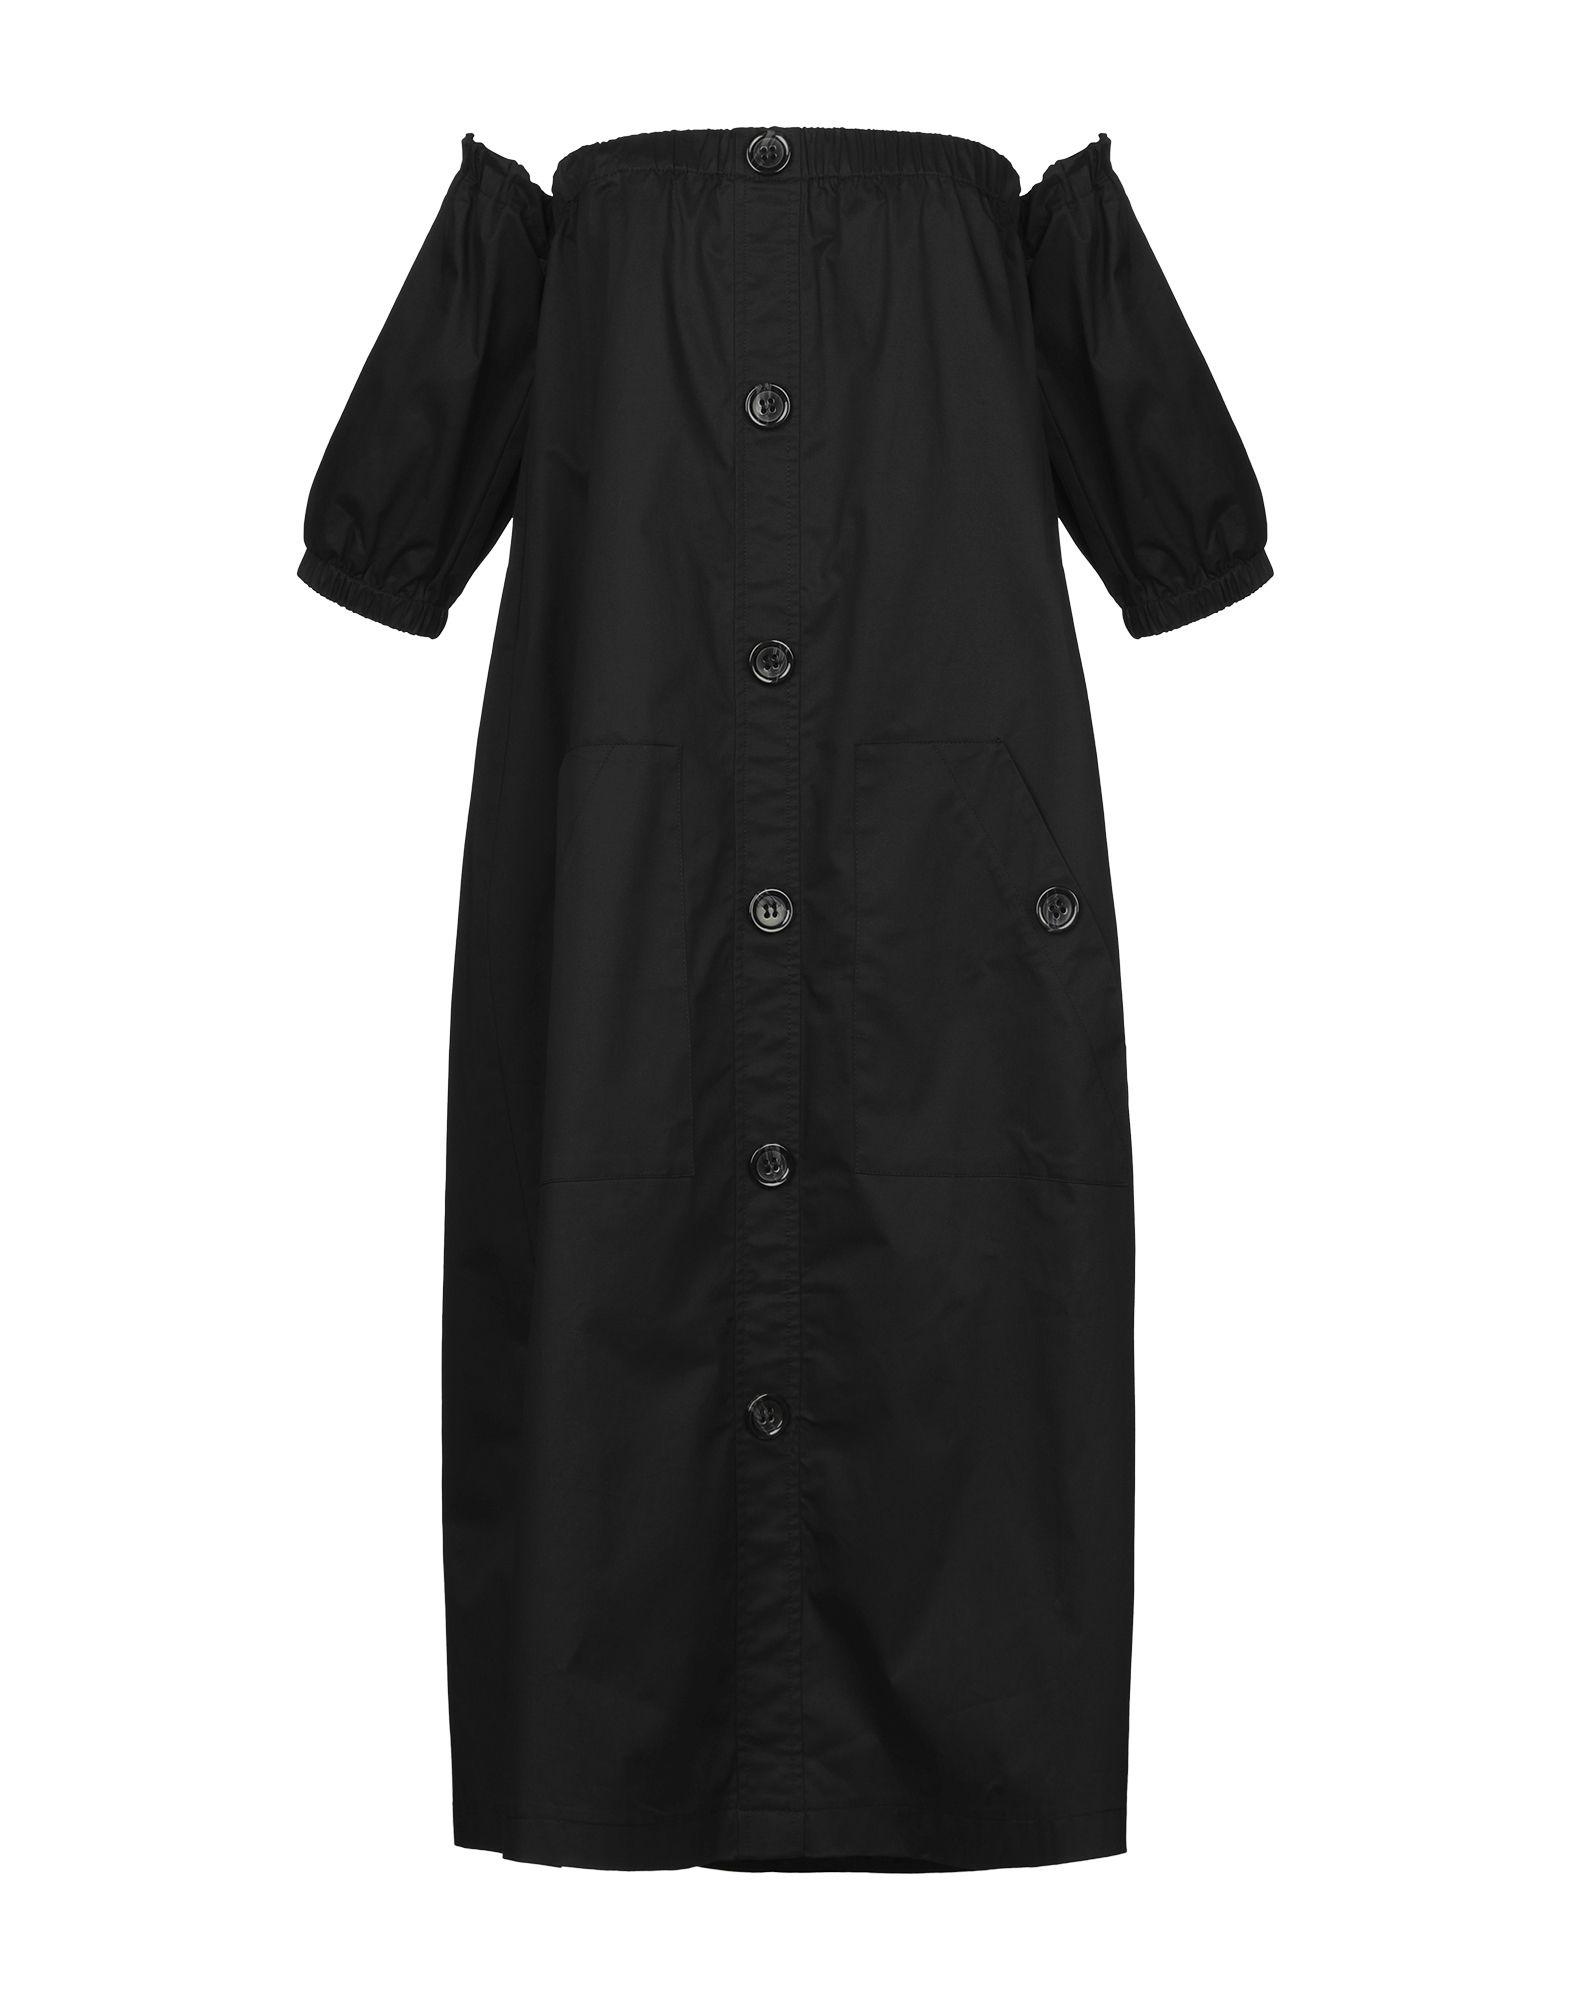 ACTUALEE Короткое платье